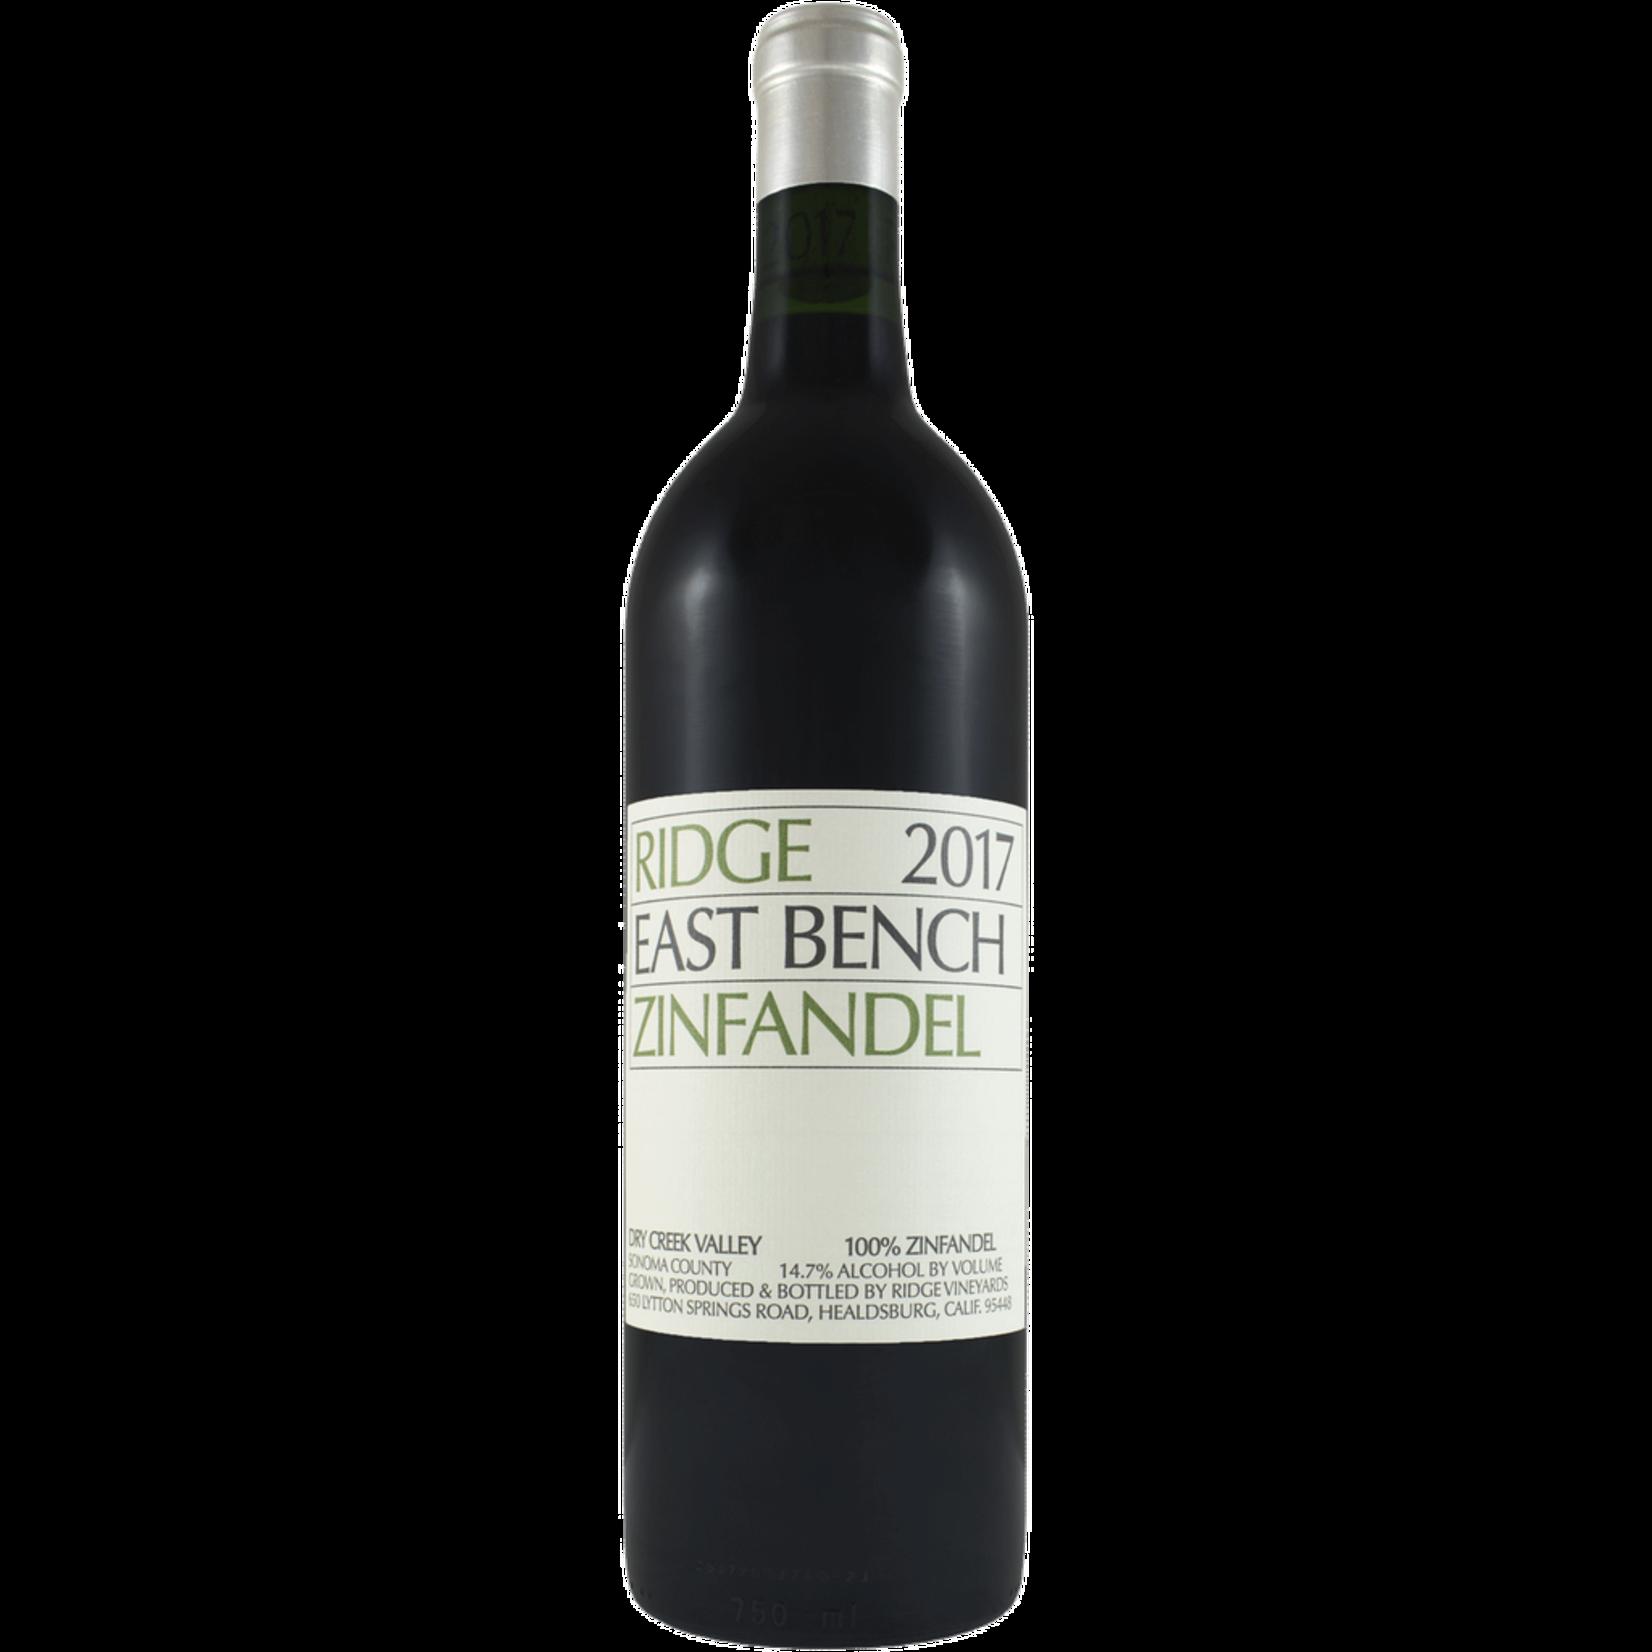 Wine Ridge Vineyards Zinfandel East Bench Dry Creek Valley 2018